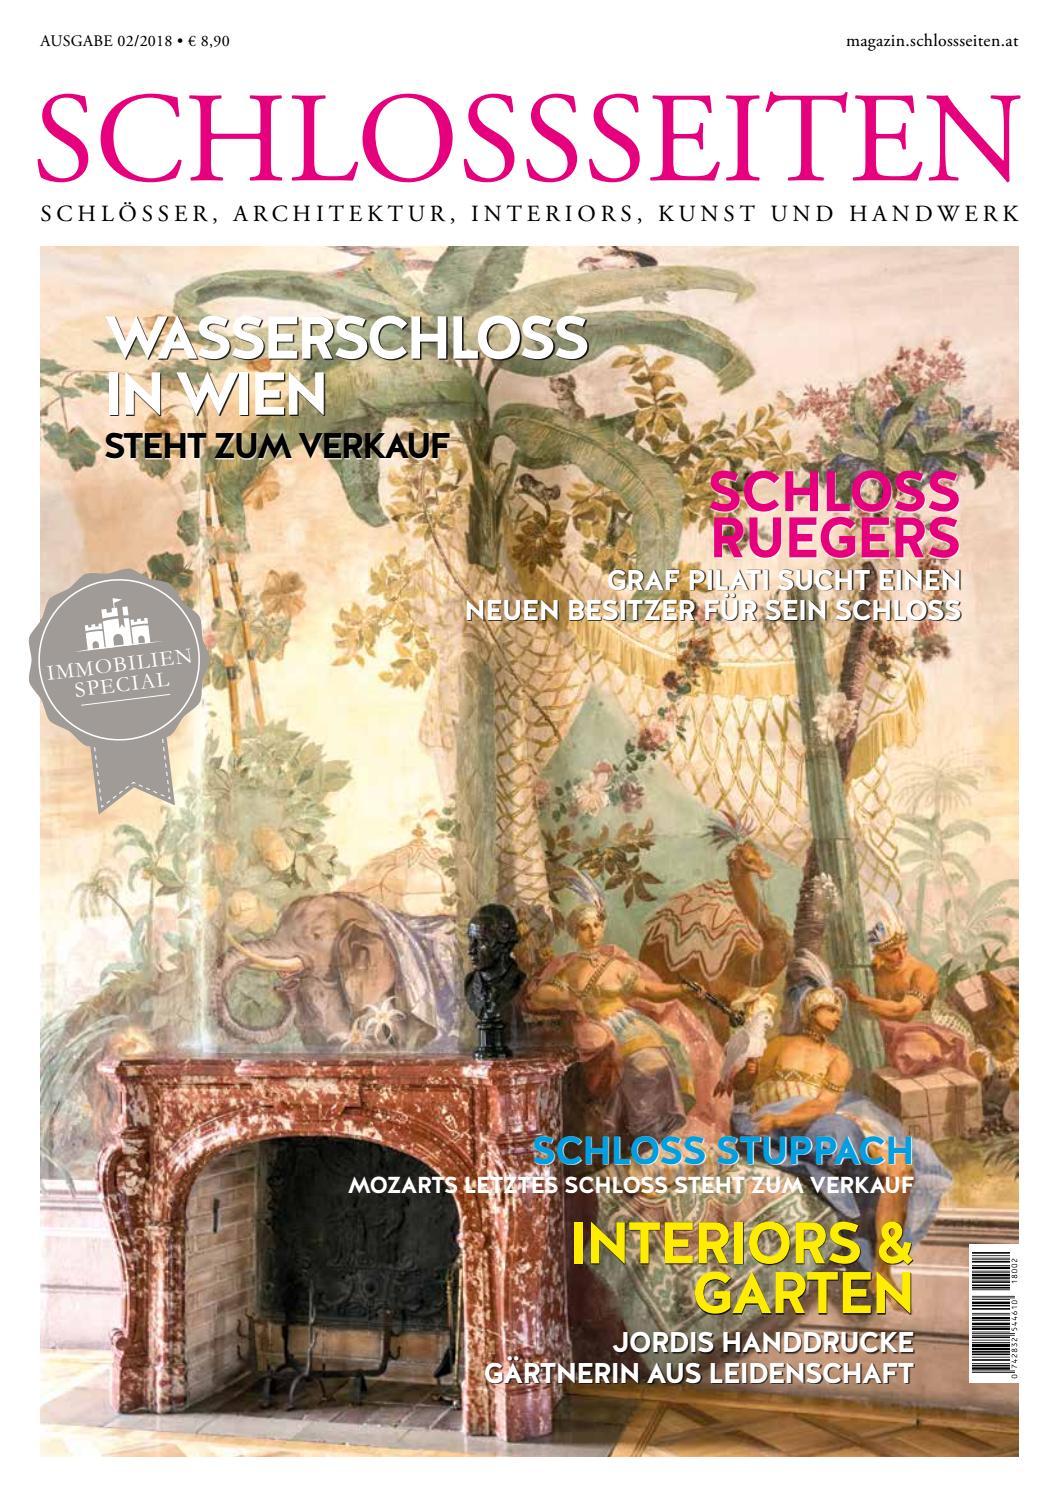 Streng Michel Spezial Magazin Wertvolles Sammeln 7 Kataloge & Literatur Zubehör